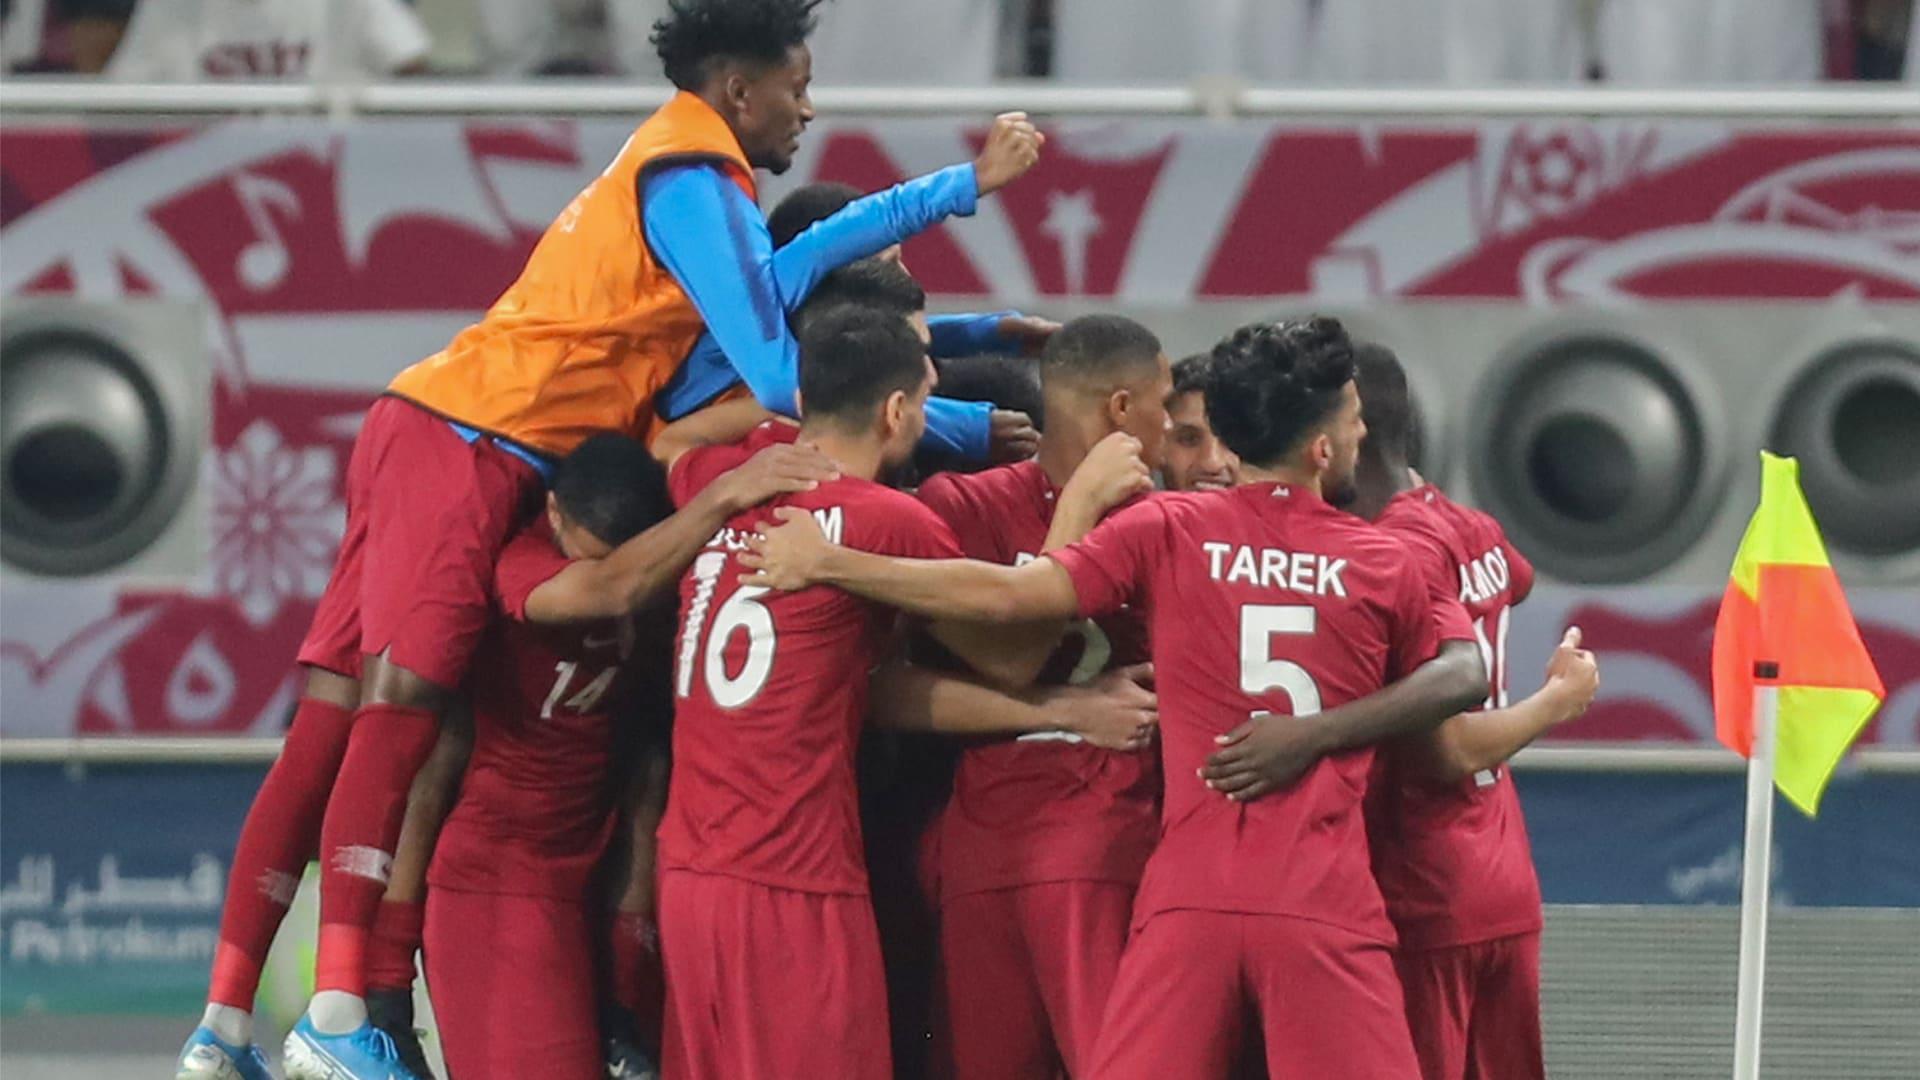 المنتخب القطري يتغلب على نظيره الإماراتي ويُقصيه من كأس الخليج